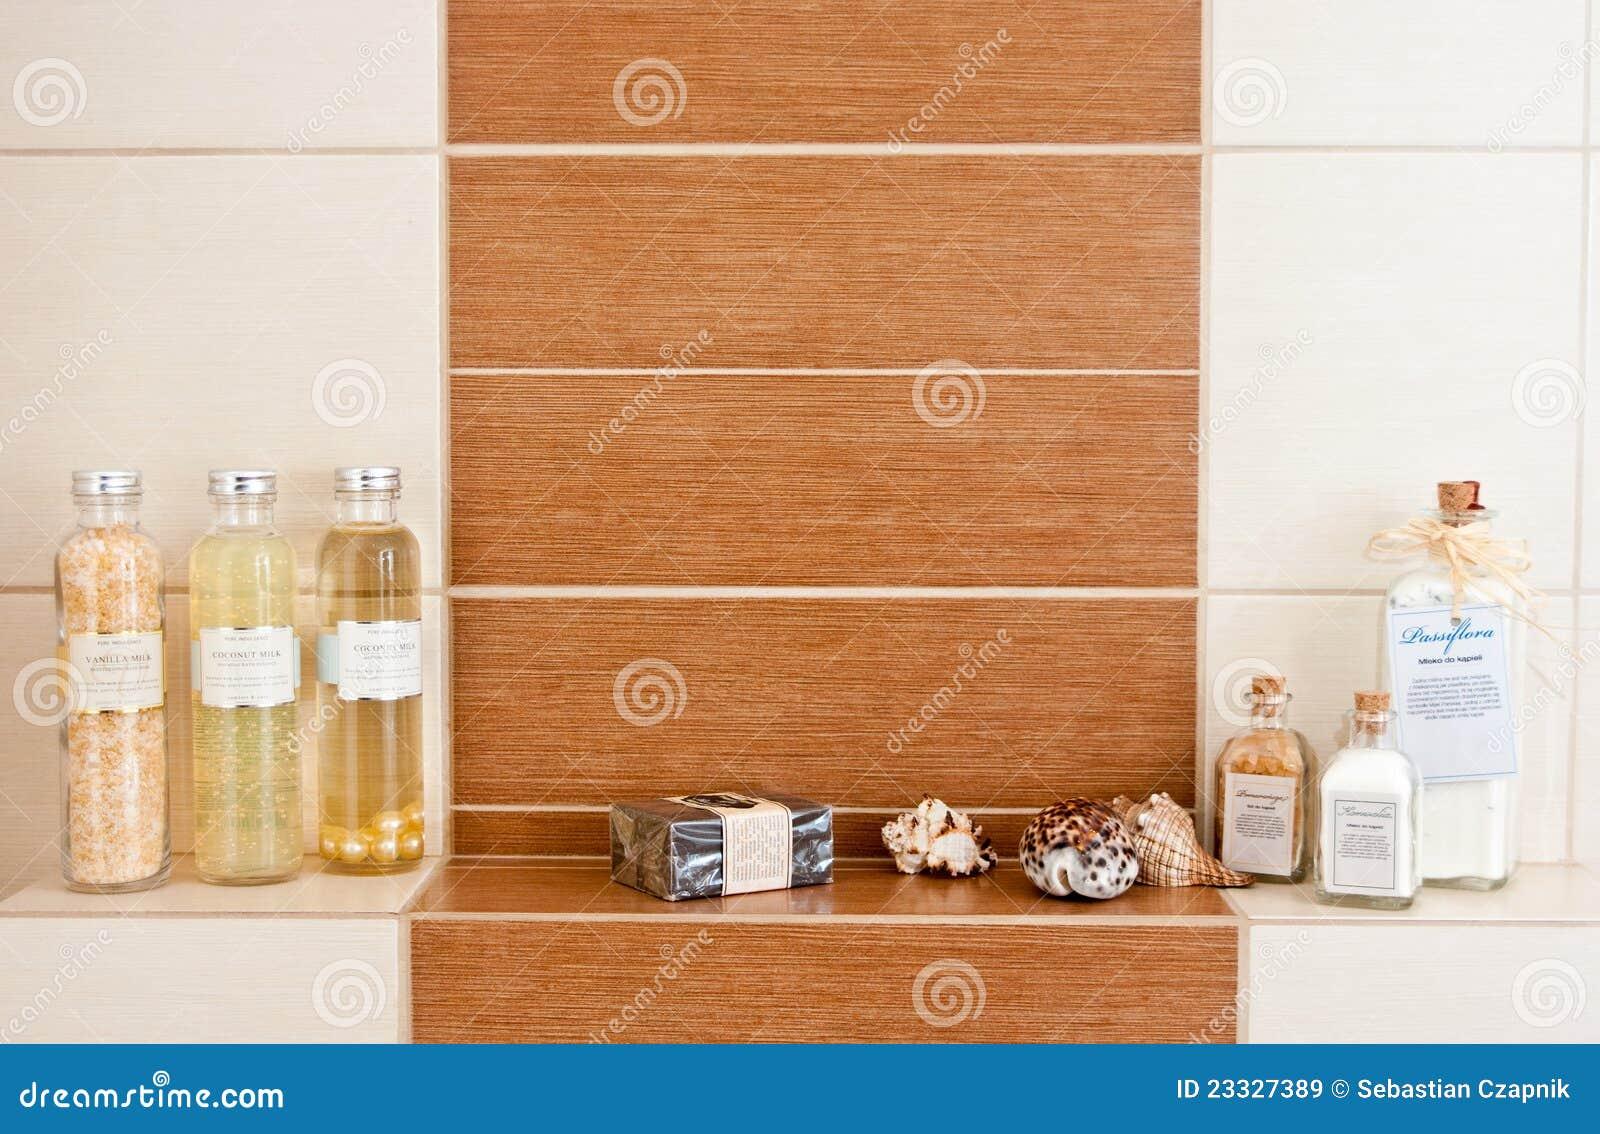 Decorazioni della stanza da bagno immagini stock libere da - Decorazioni stanza ...